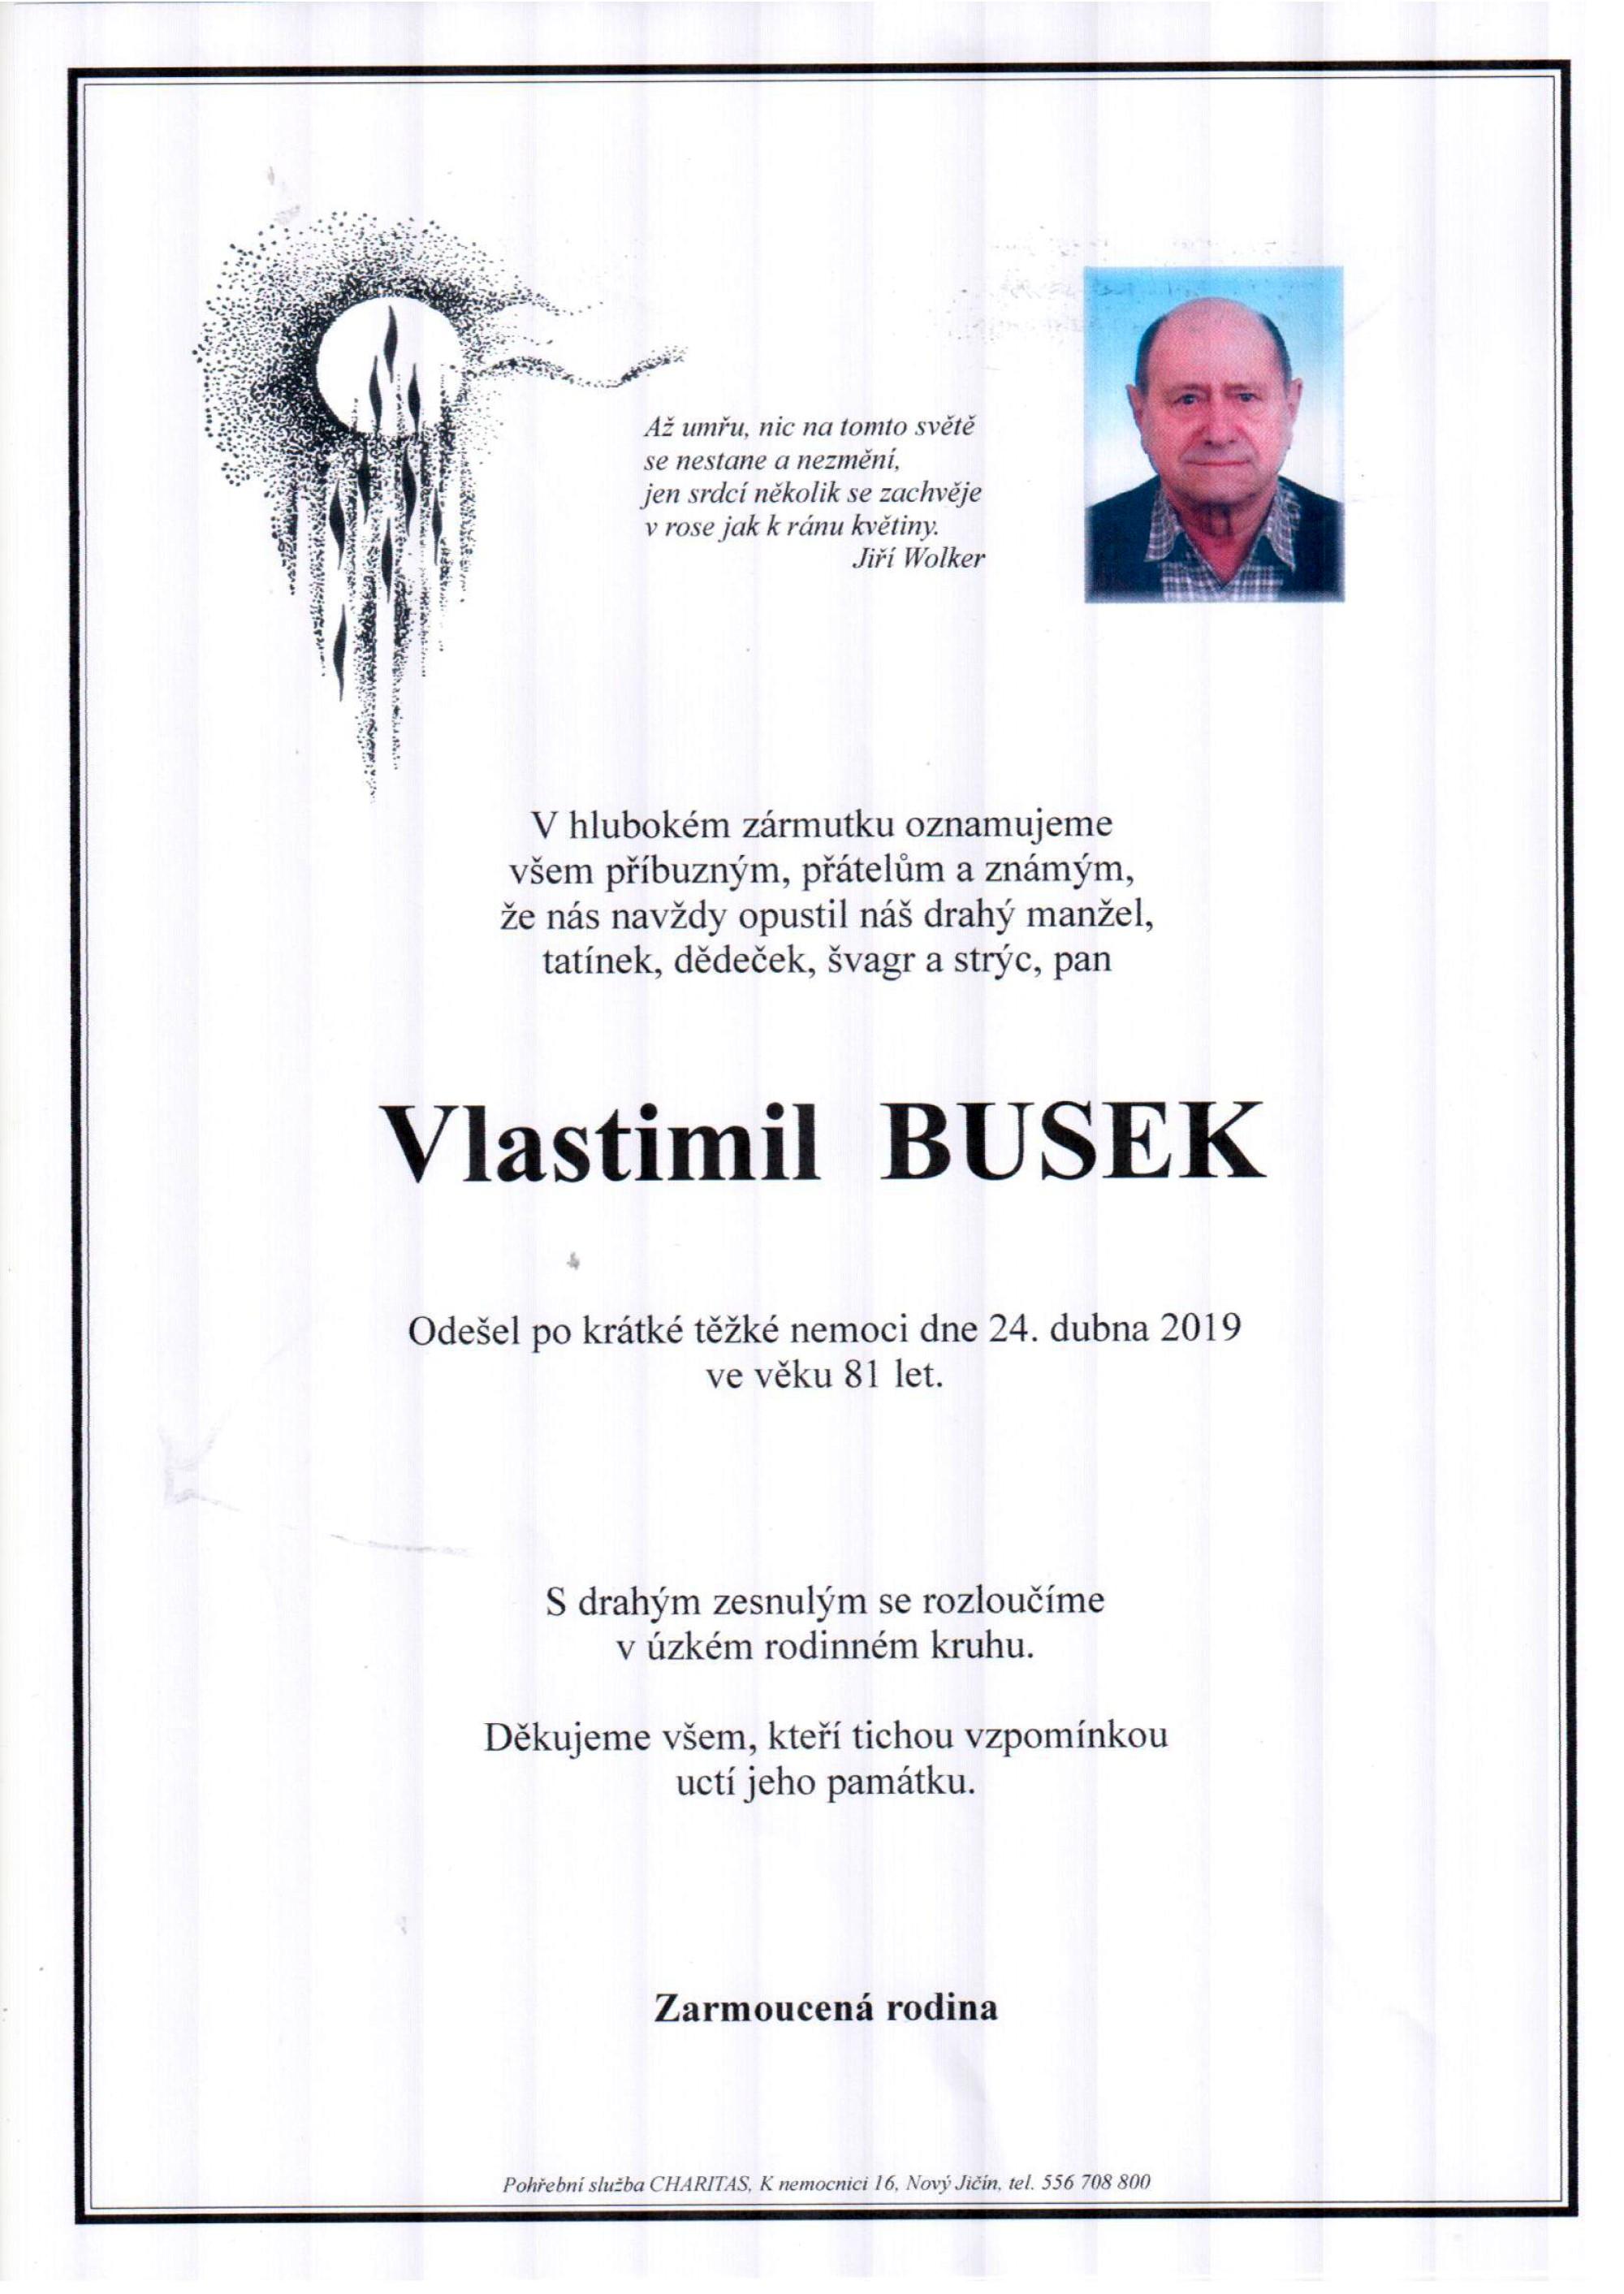 Vlastimil Busek